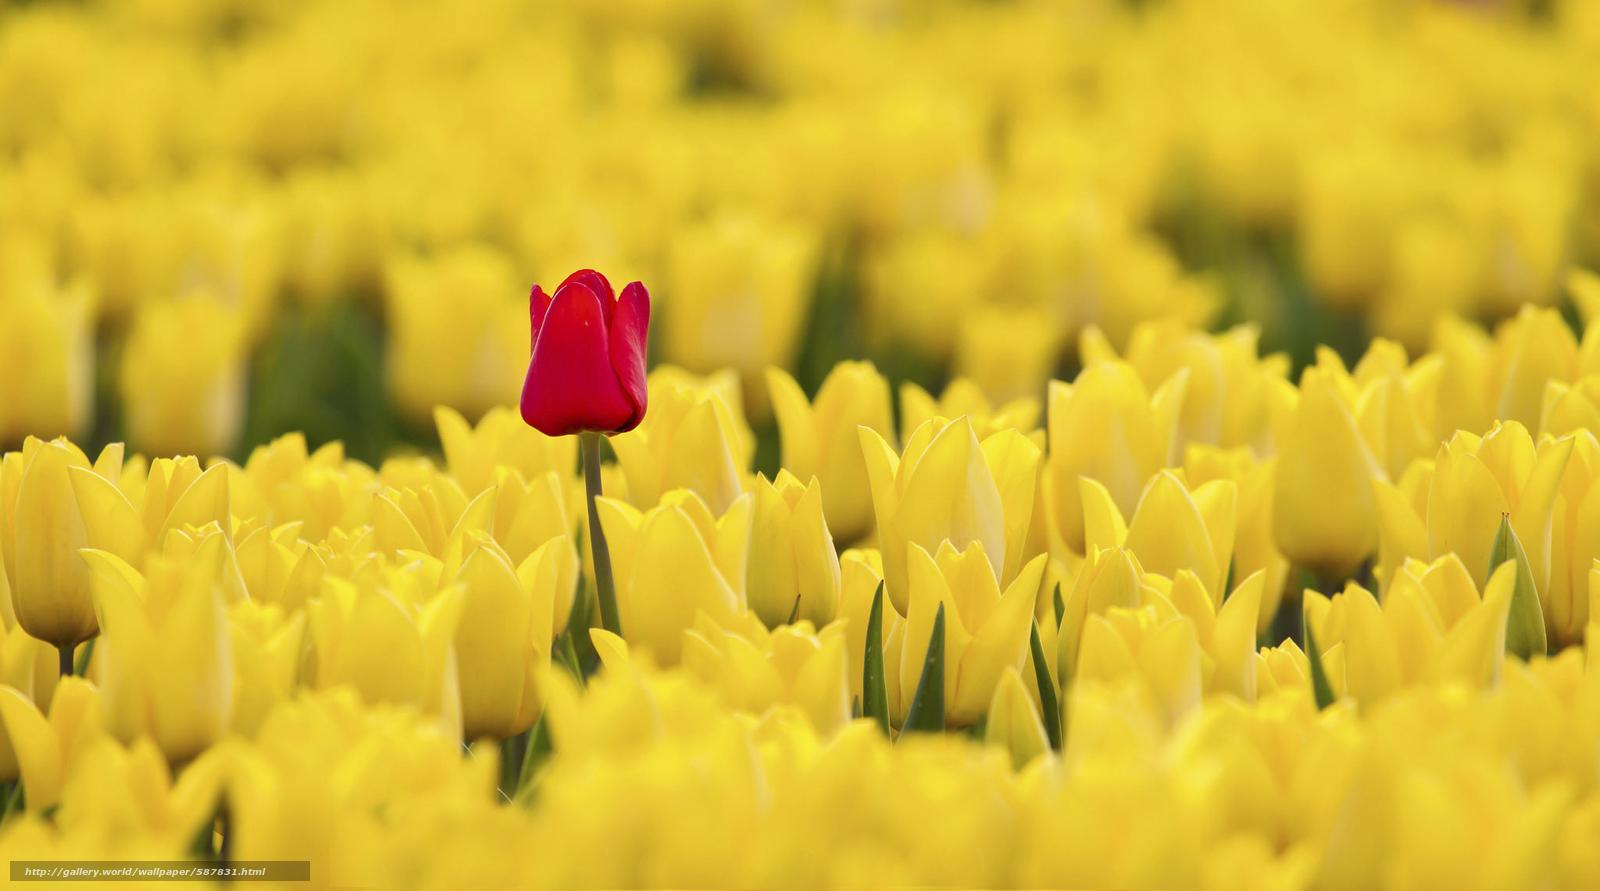 下载壁纸 黄色, 郁金香, 红色 免费为您的桌面分辨率 ...: cn.gde-fon.com/download/wallpaper/587831/2048x1140